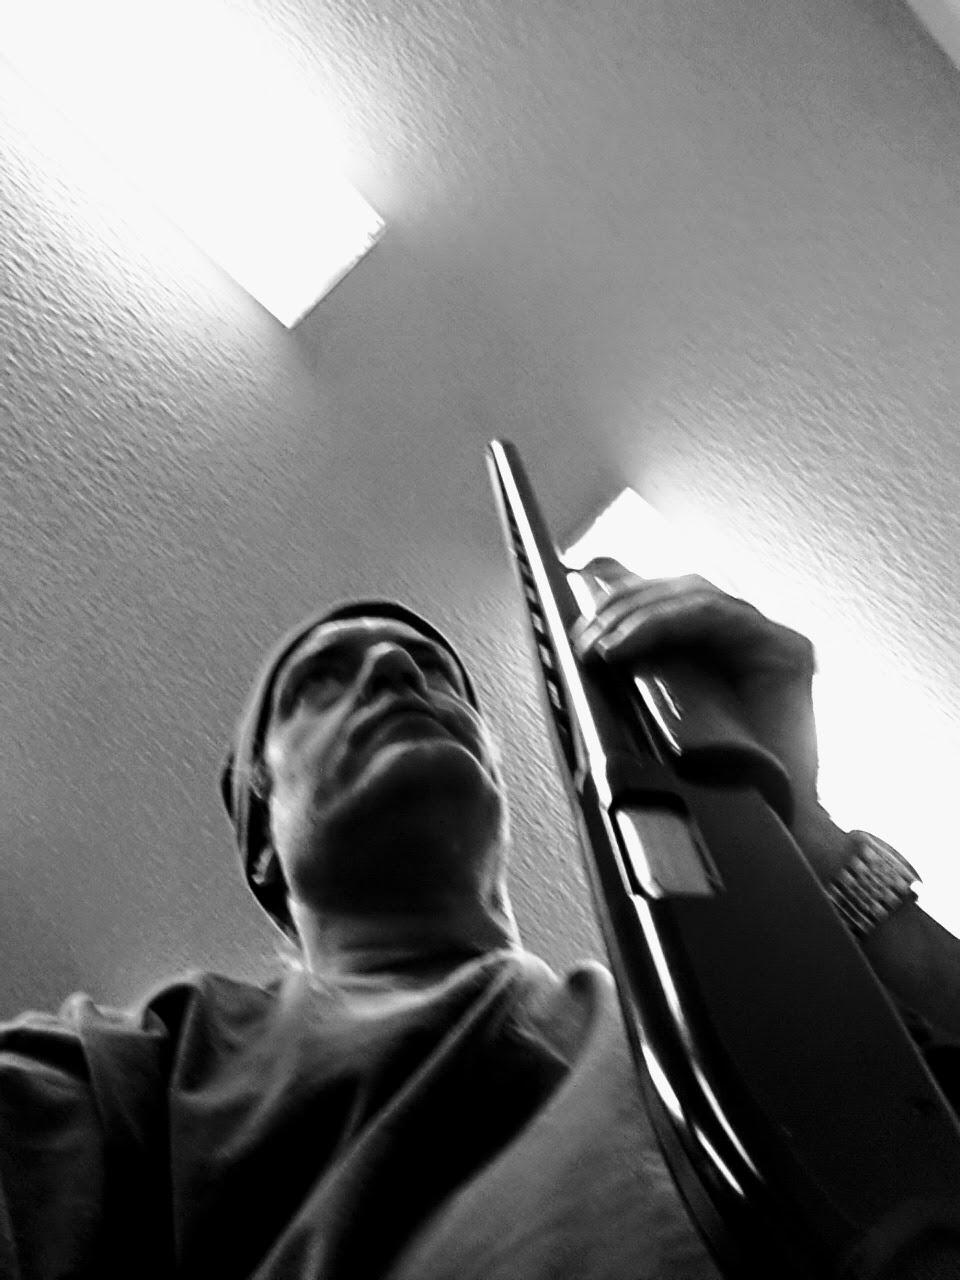 Badass Shotgun Dave